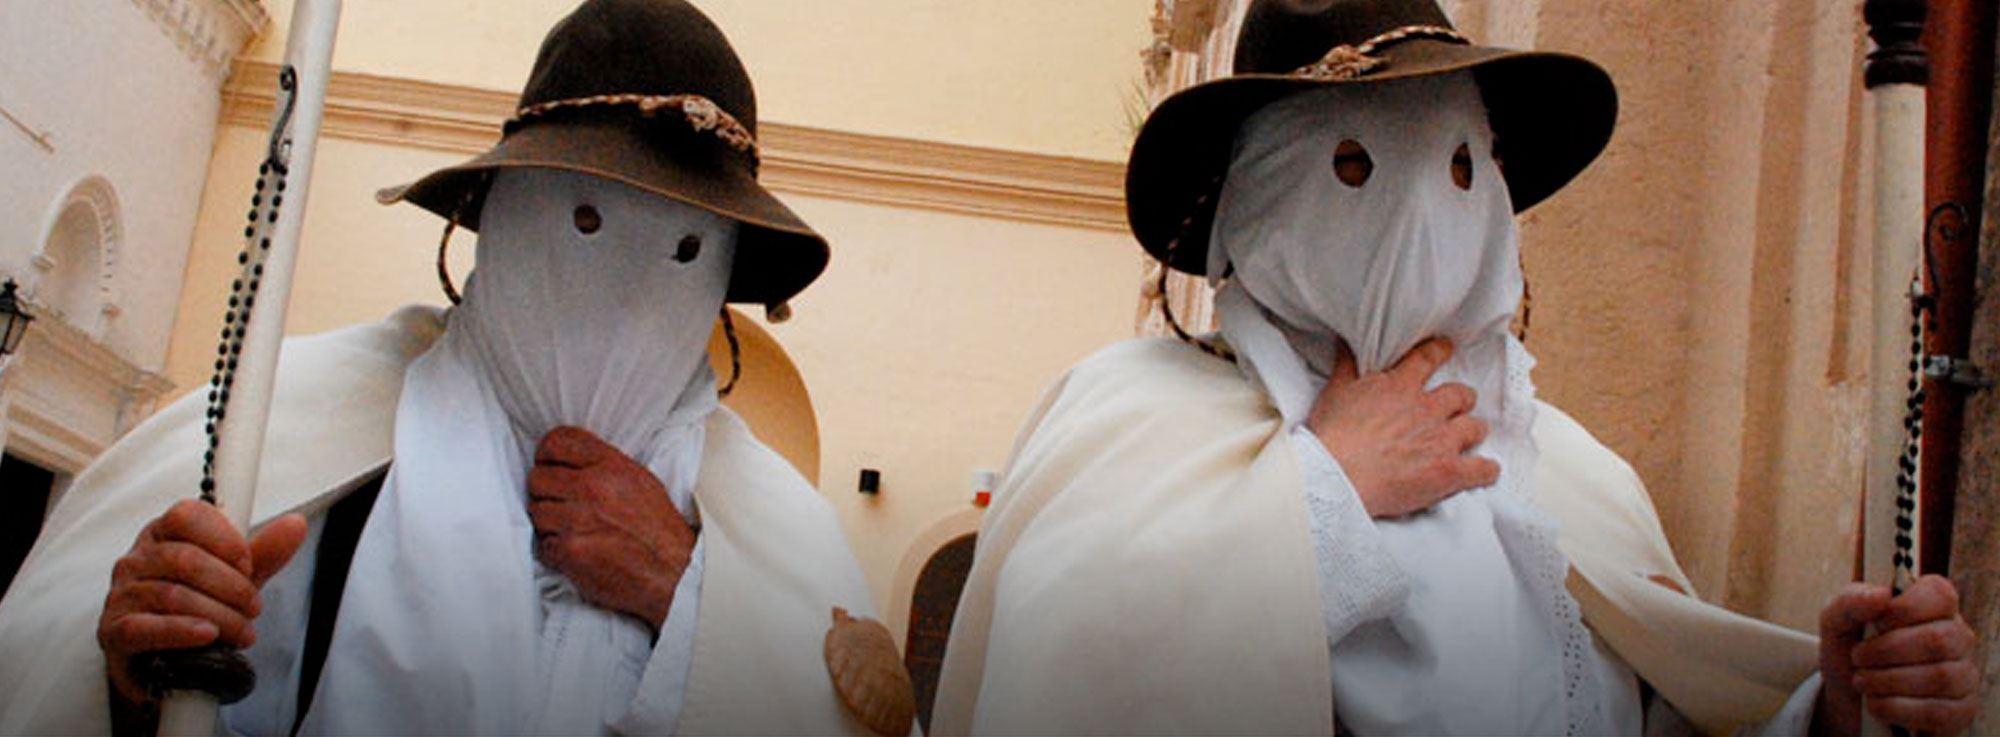 Grottaglie: Pàthos. La Settimana Santa a Grottaglie: Riti e Tradizioni